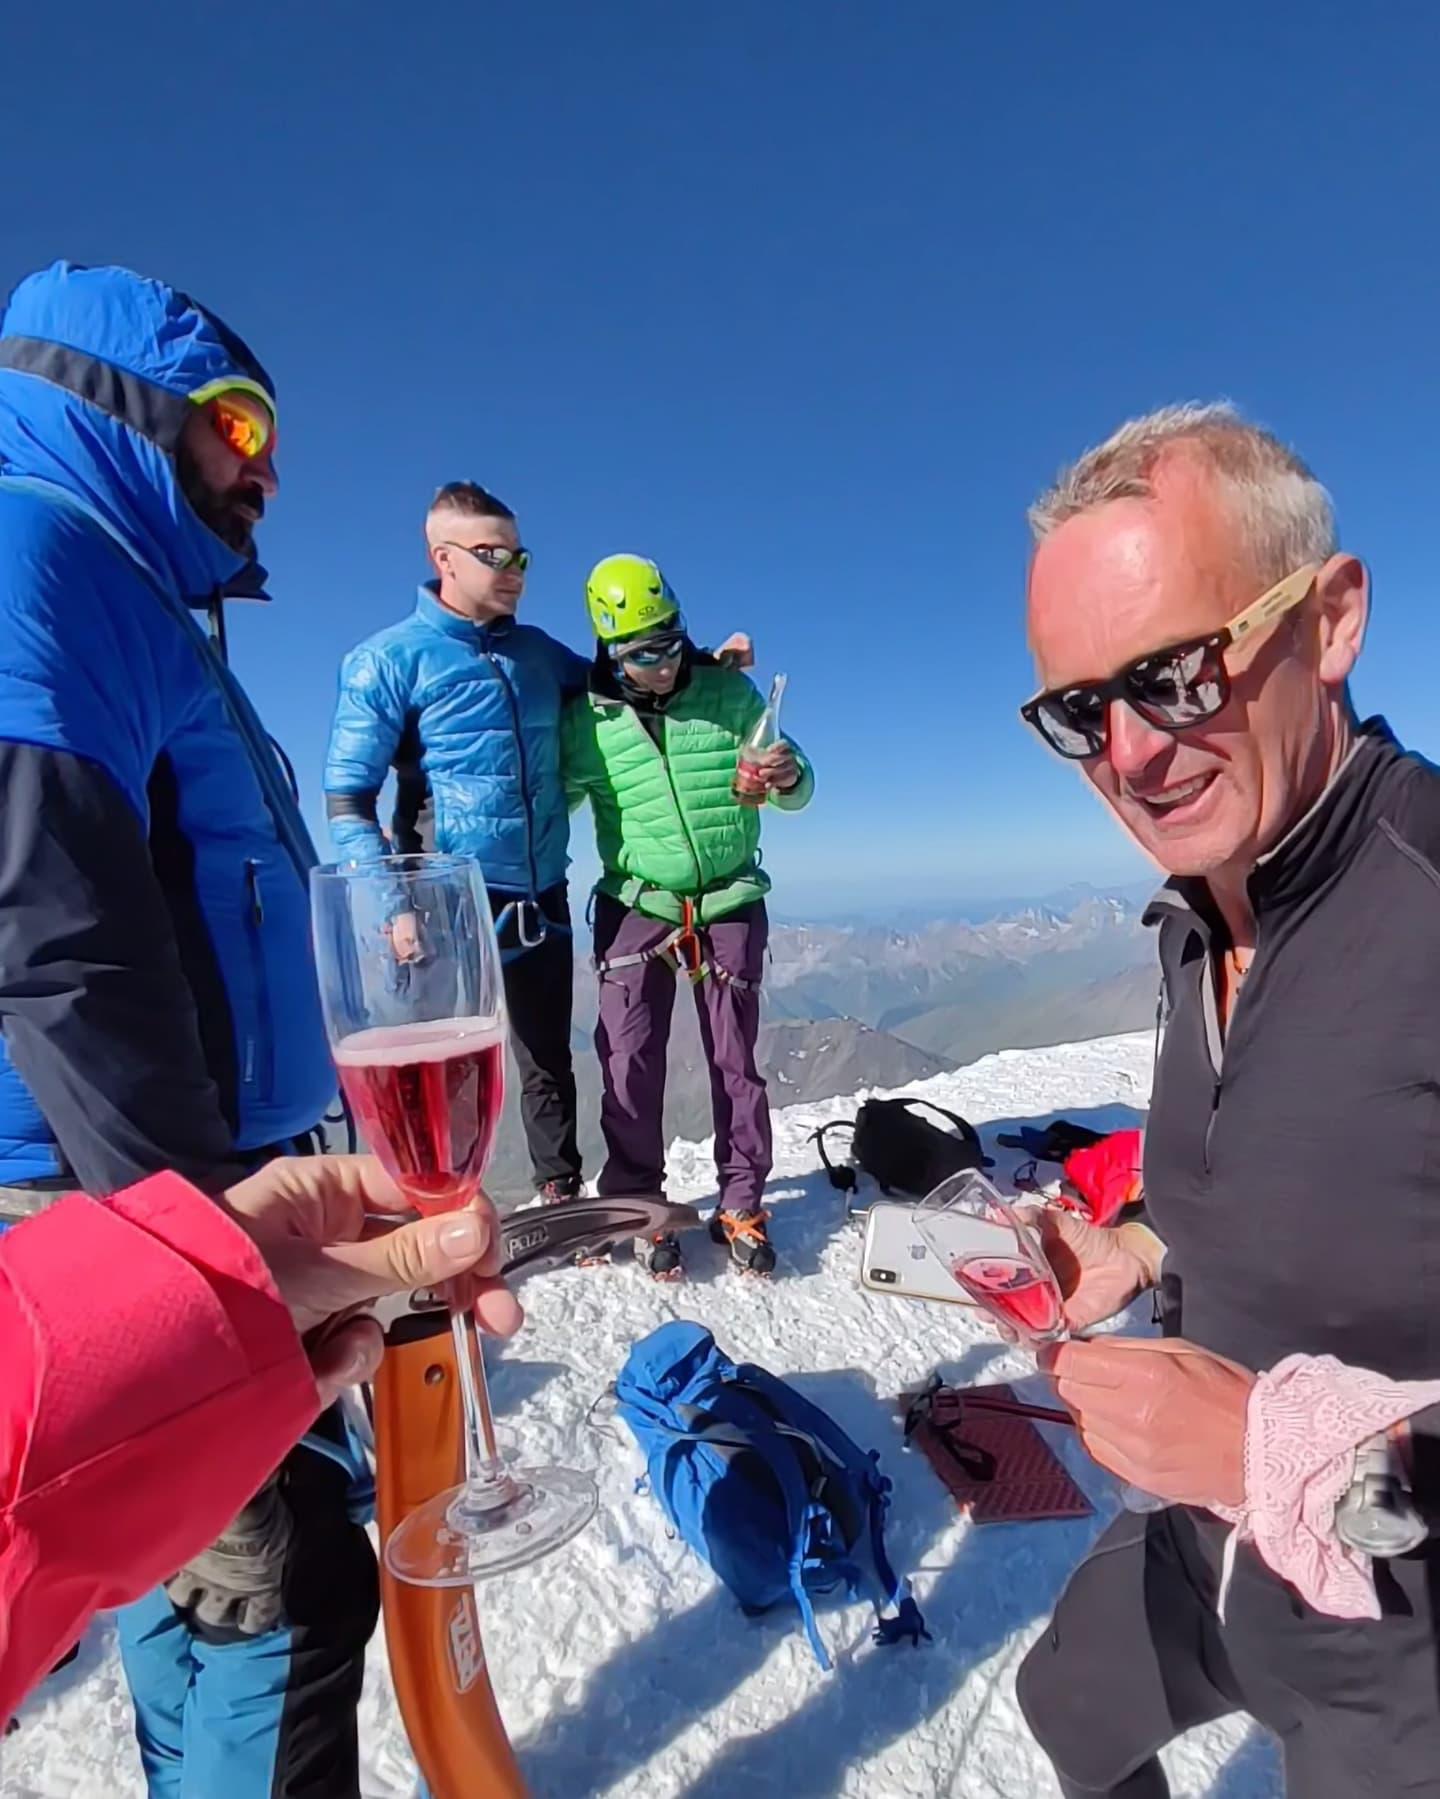 Kazbek champagne summit caucasus glacier climbing russia georgia mountaineering climber mountain kazbegi